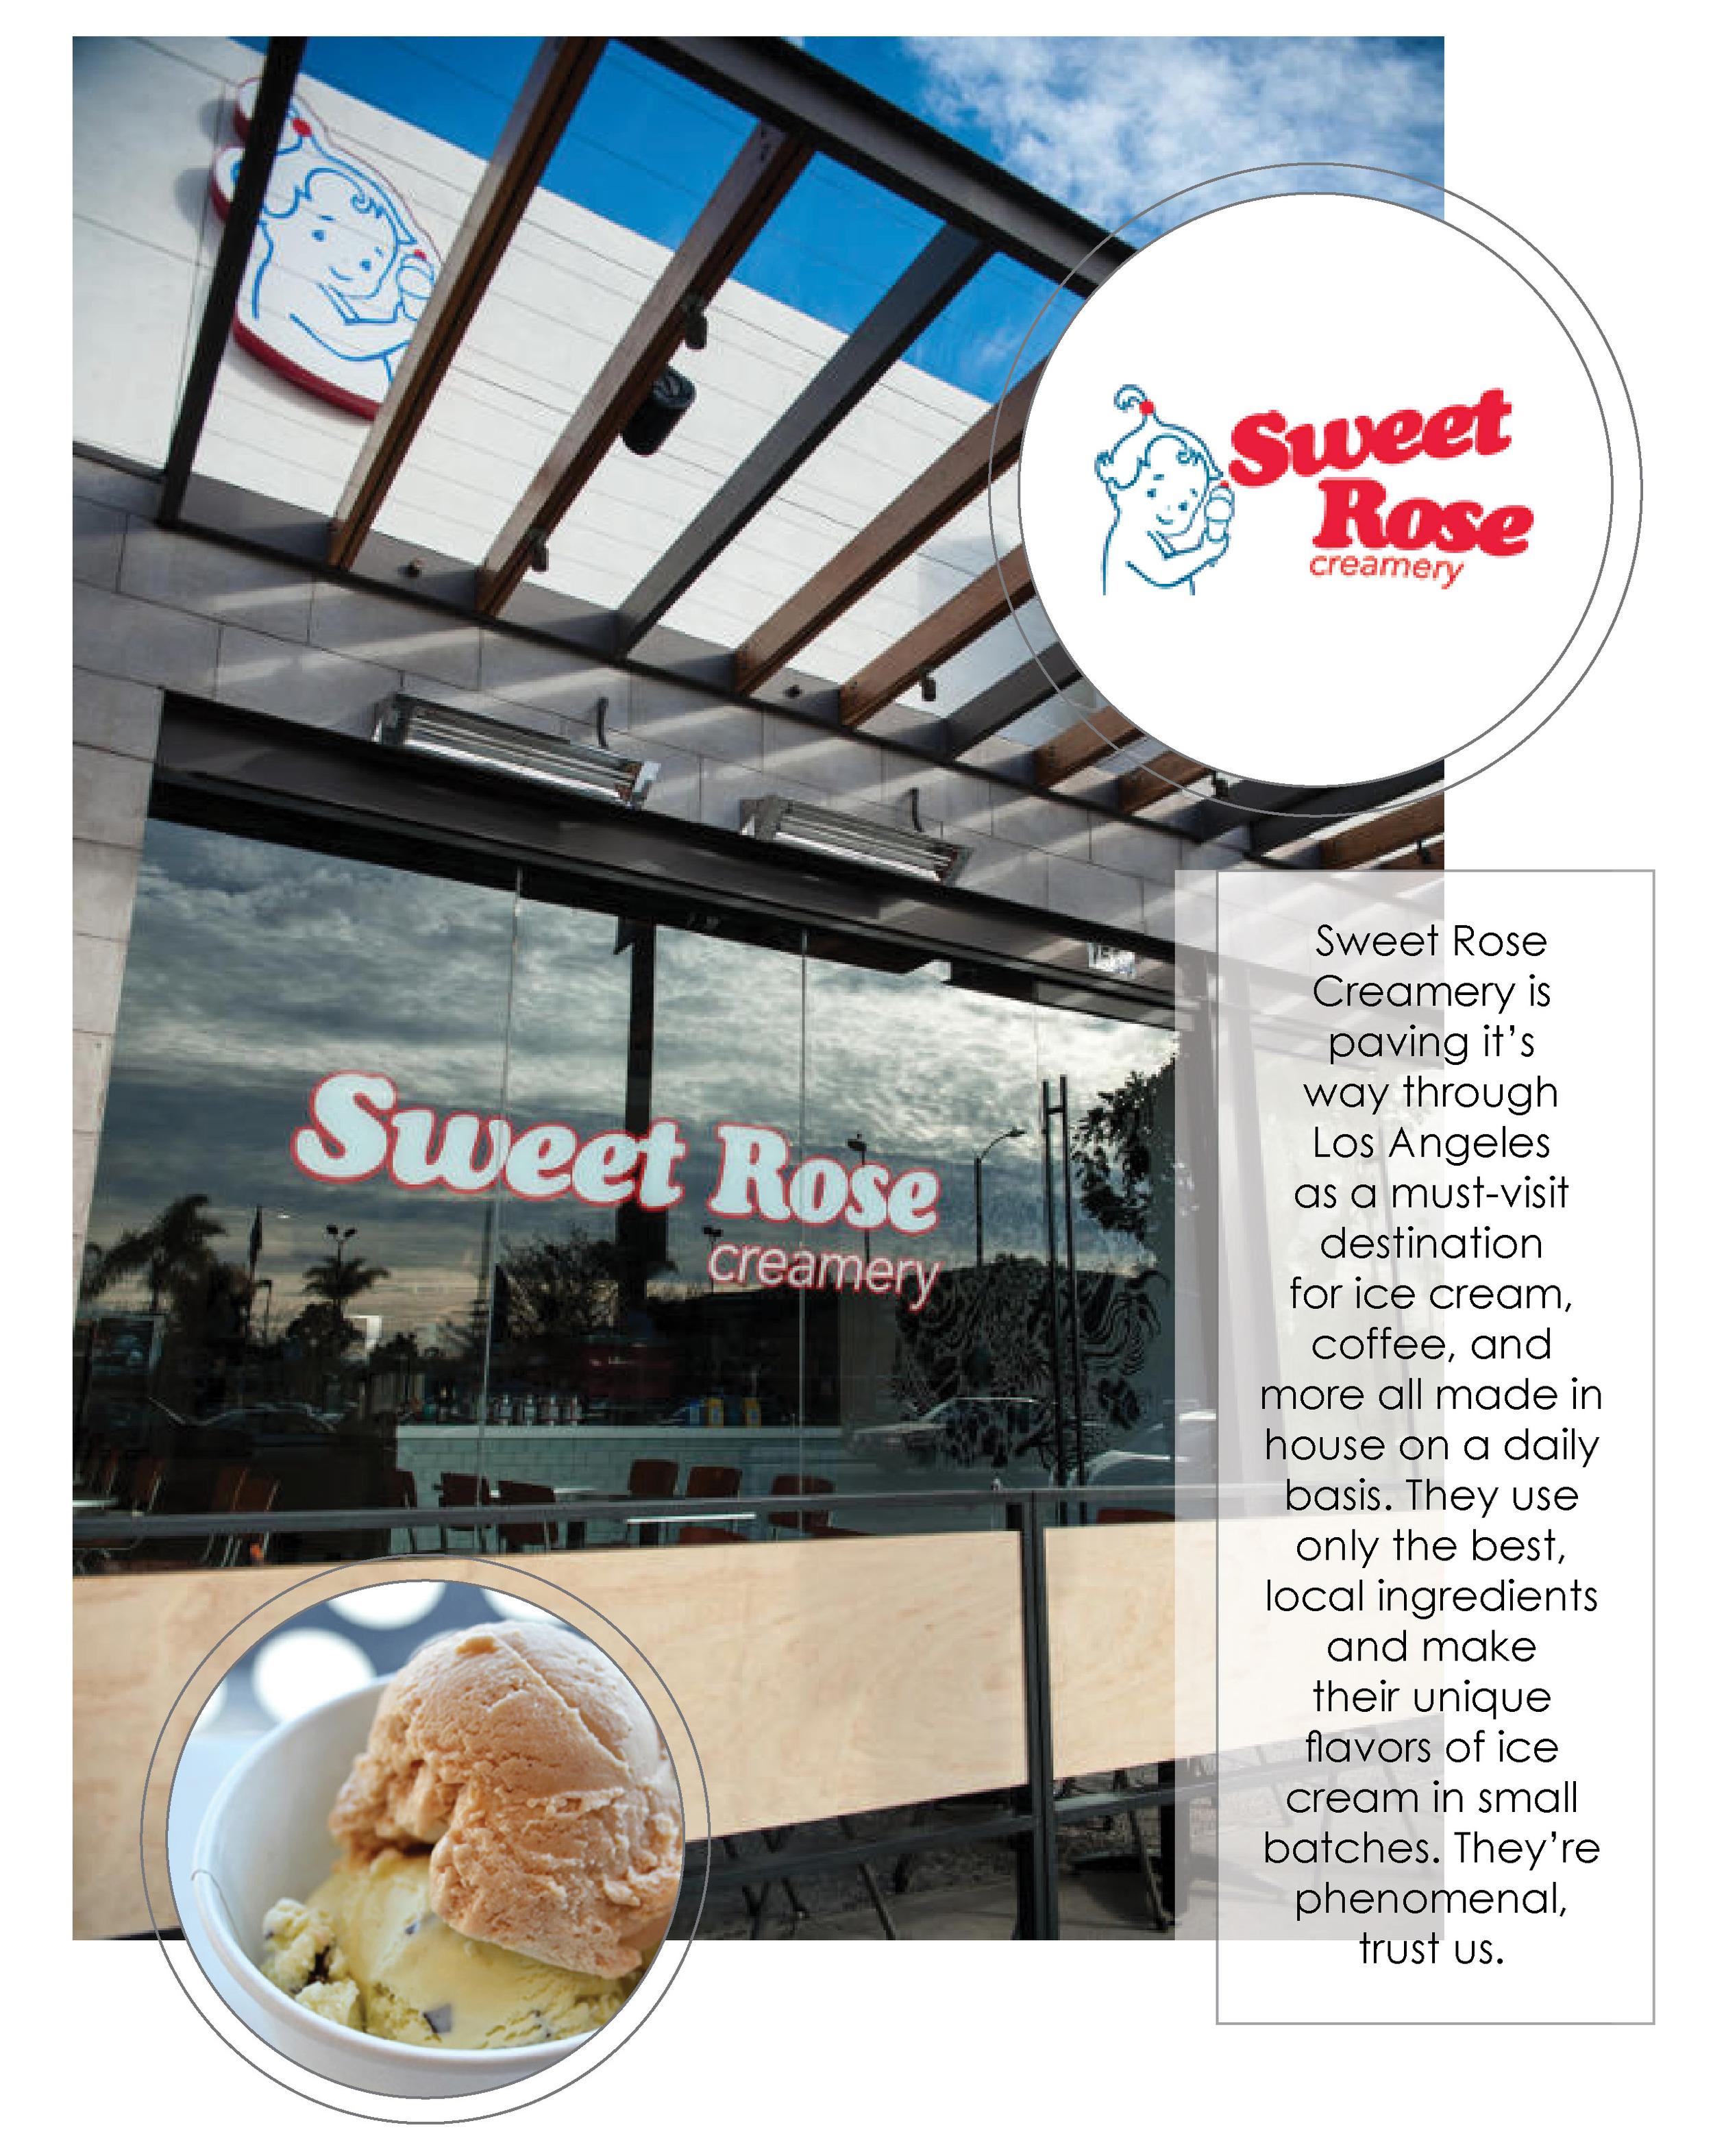 SweetRose